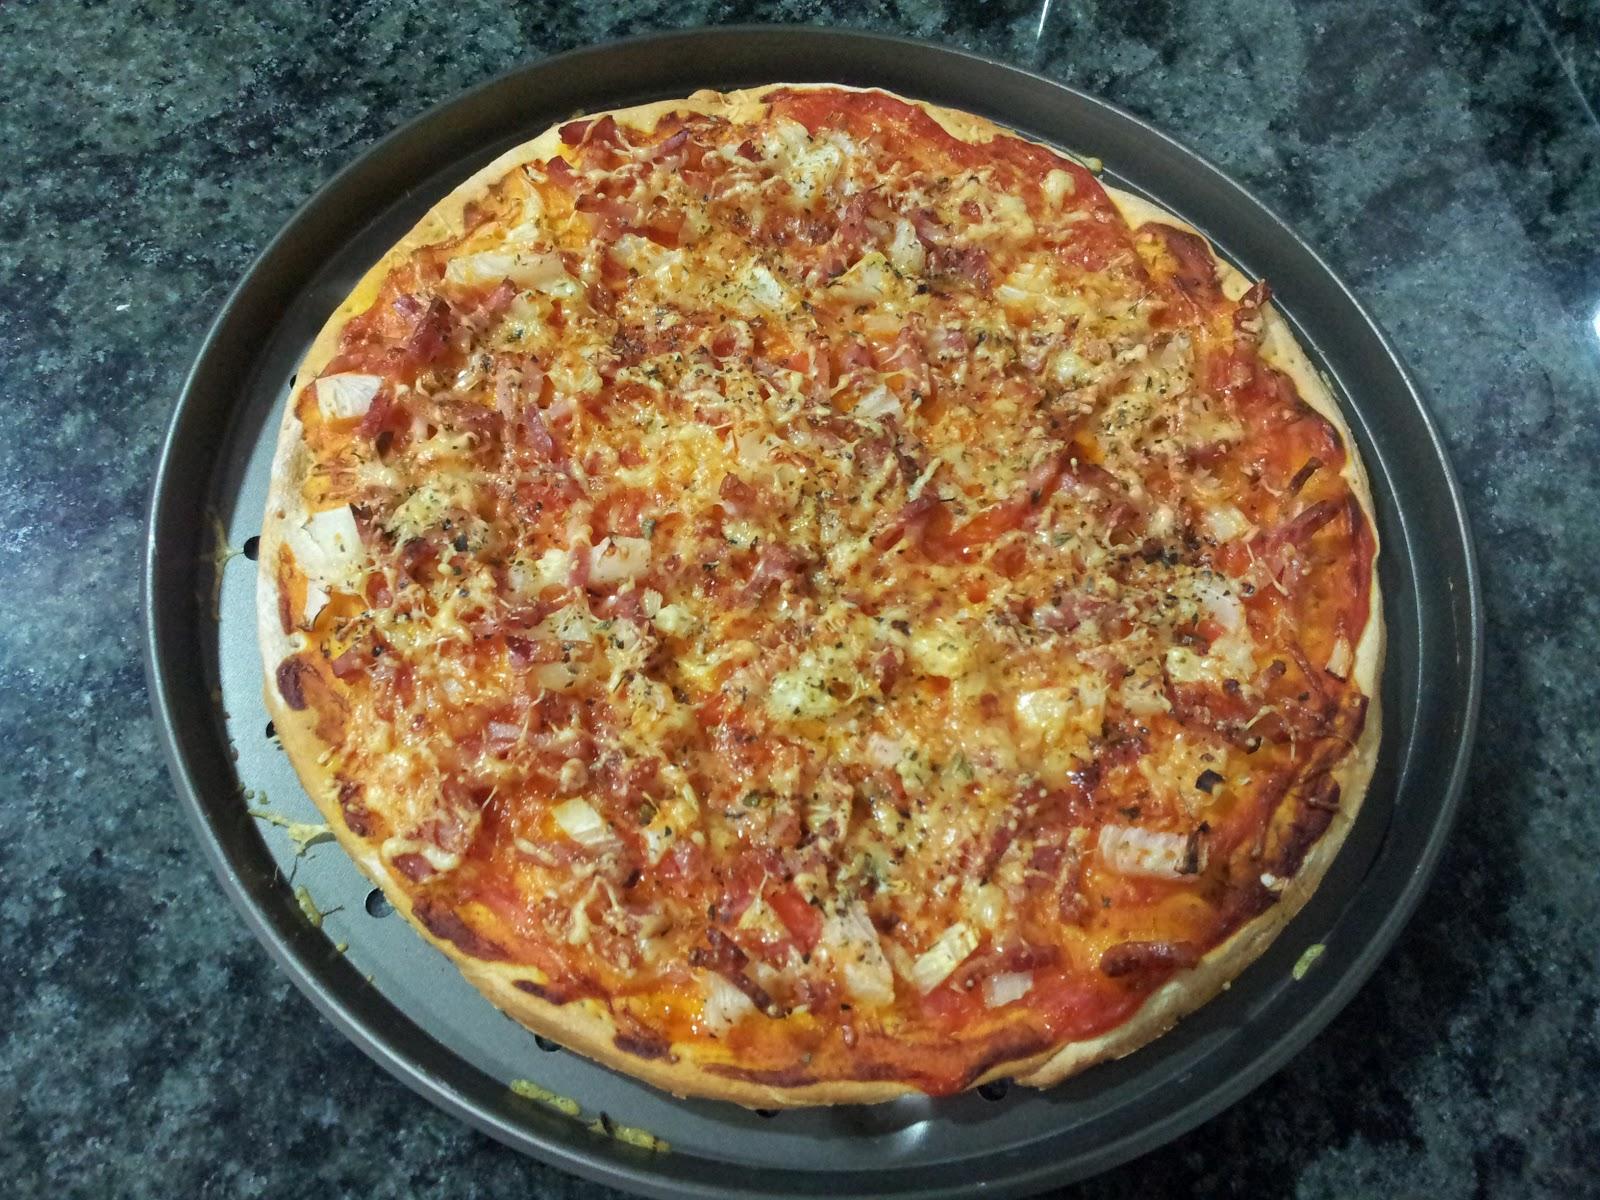 como hacer pizza sin levadura fresca en thermomix